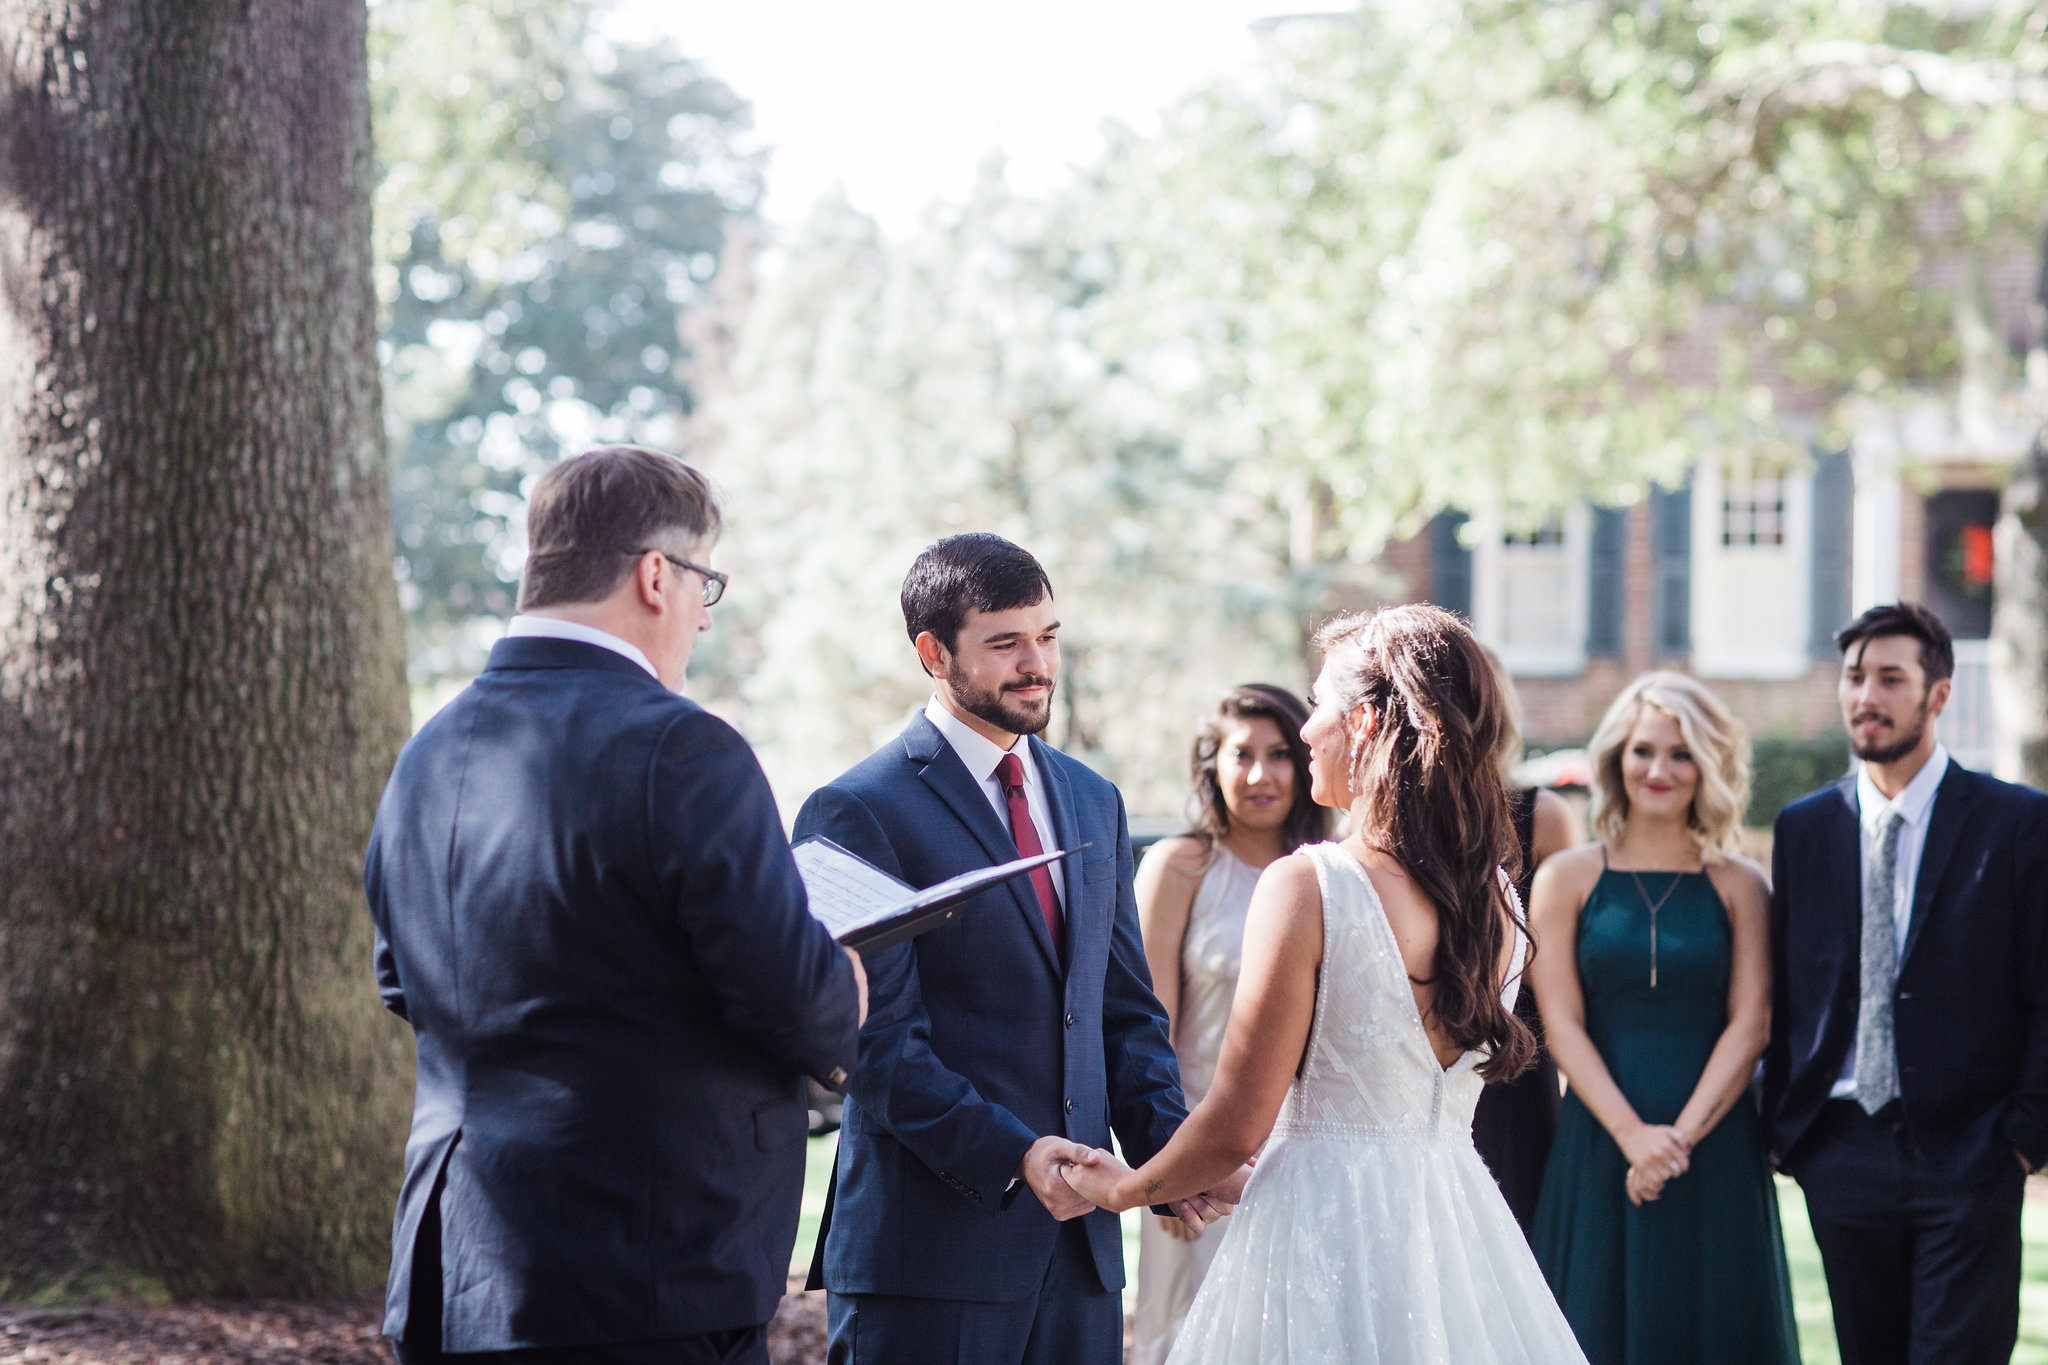 apt-b-photography-lindsey-shawn-Savannah-wedding-photographer-savannah-elopement-photographer-historic-savannah-elopement-savannah-weddings-hilton-head-wedding-photographer-jekyll-island-wedding-photographer-1.jpg